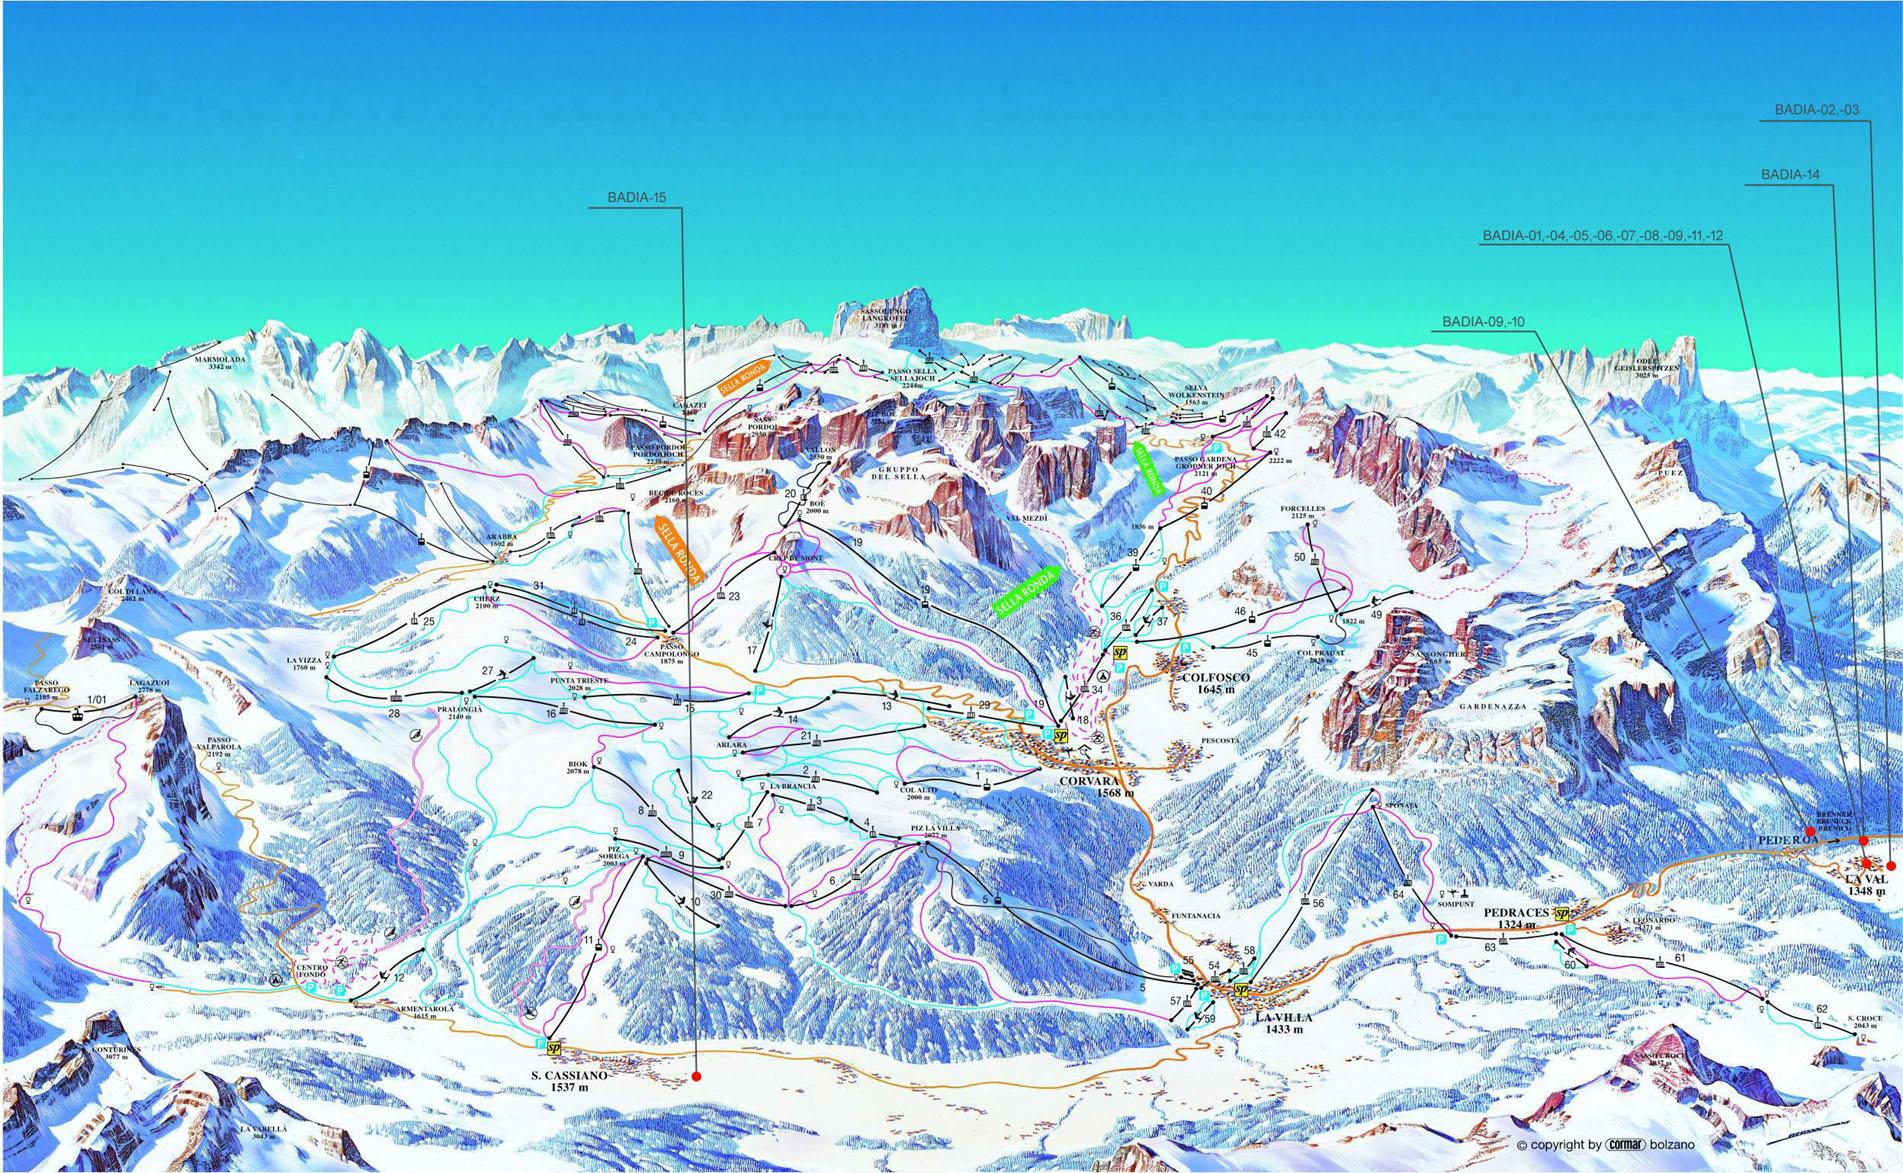 Alpy Alta Badia Sella Ronda noclegi apartamenty mieszkania